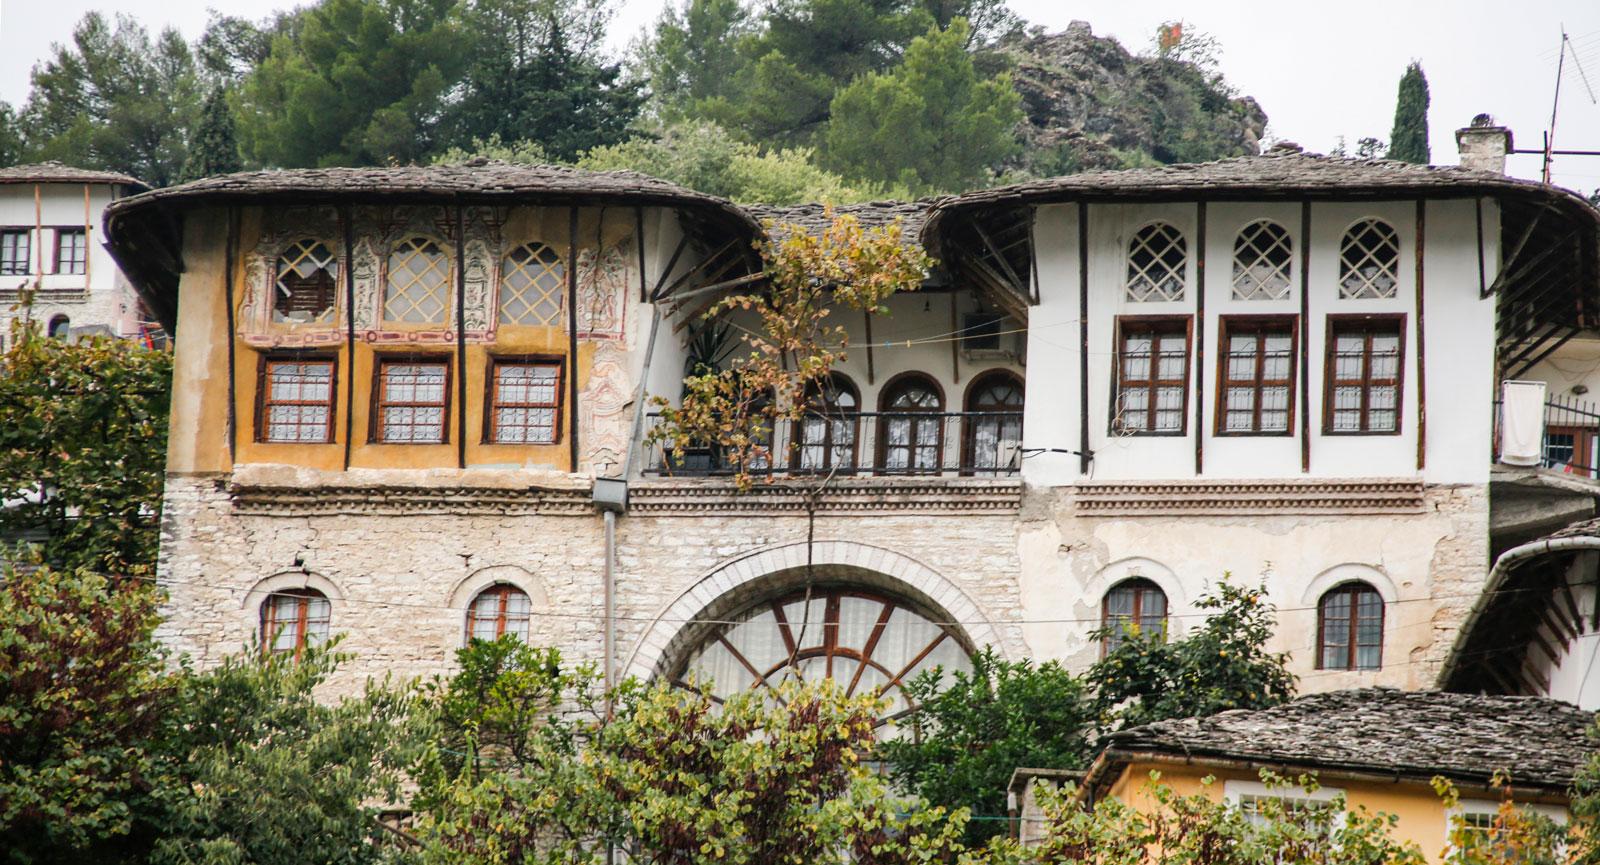 Fortfarande är behovet av renovering stort i Gjirokastra.